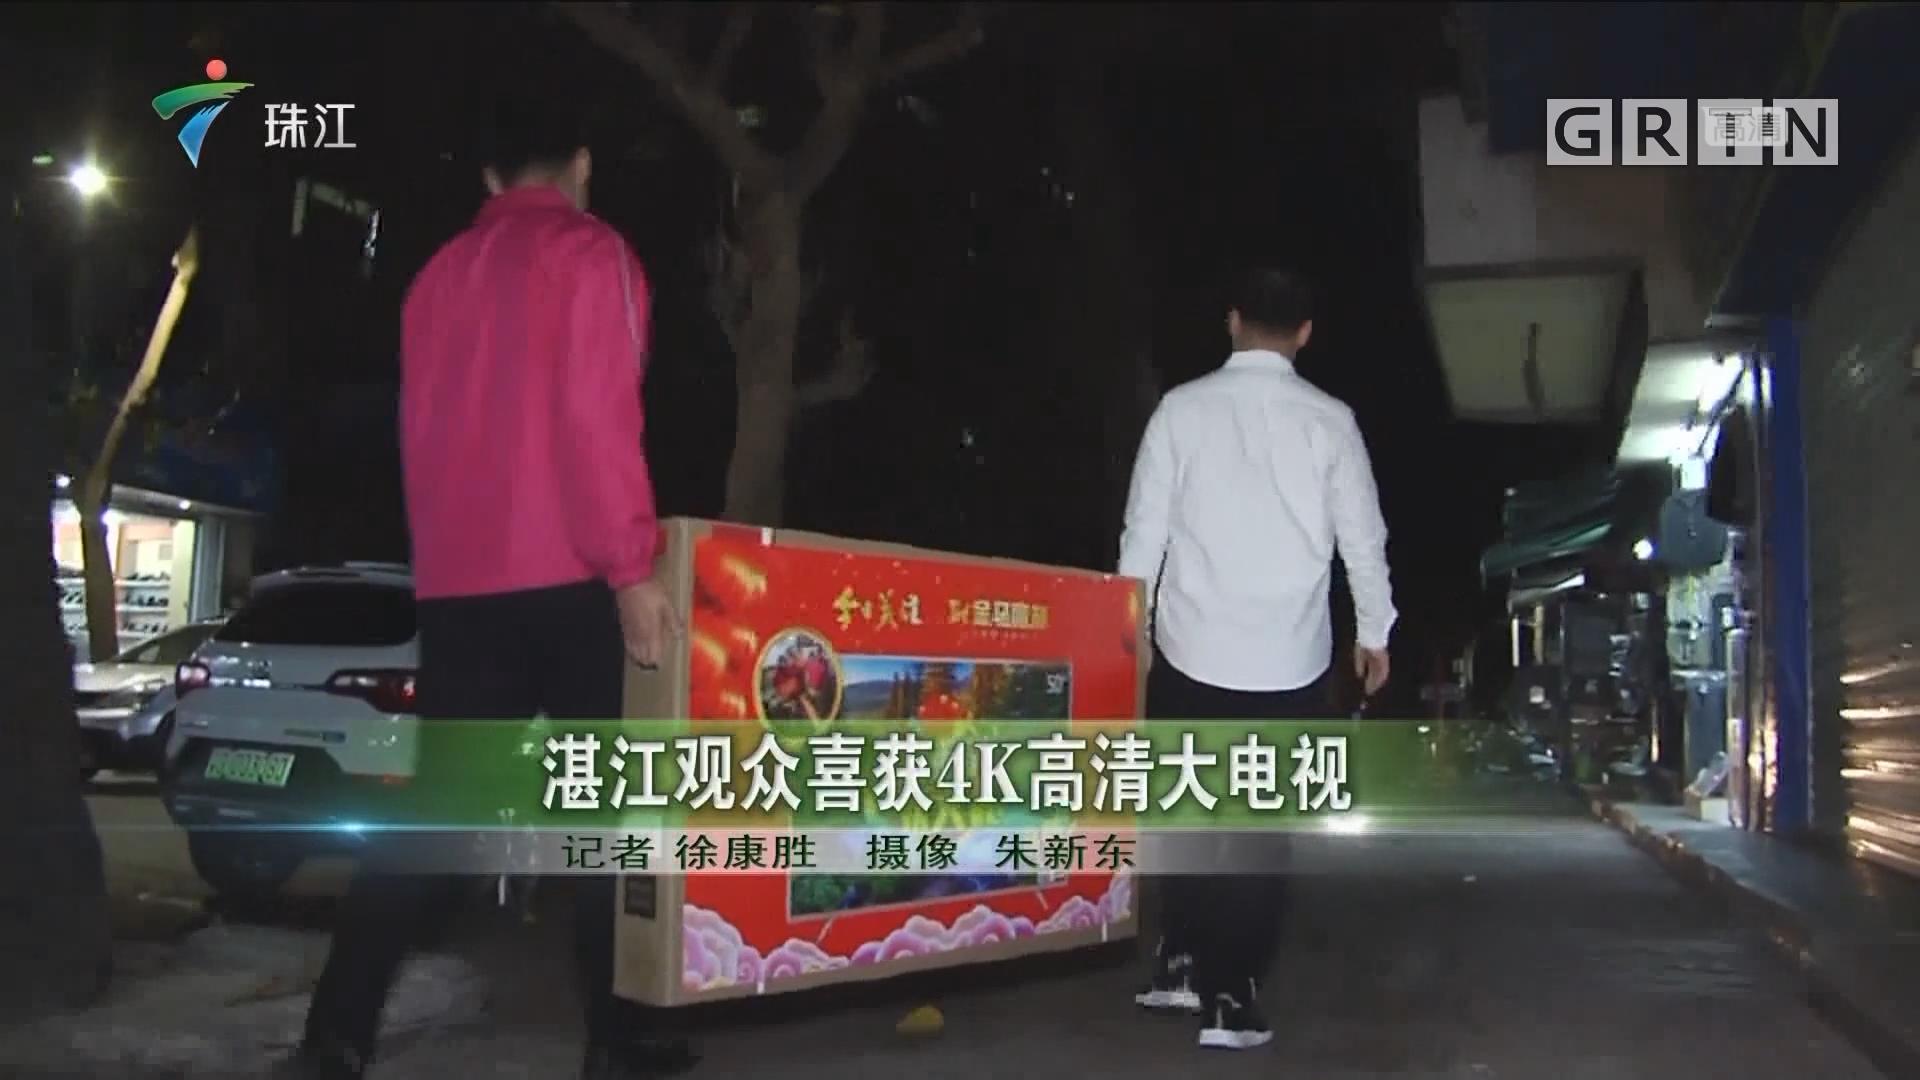 湛江观众喜获4K高清大电视